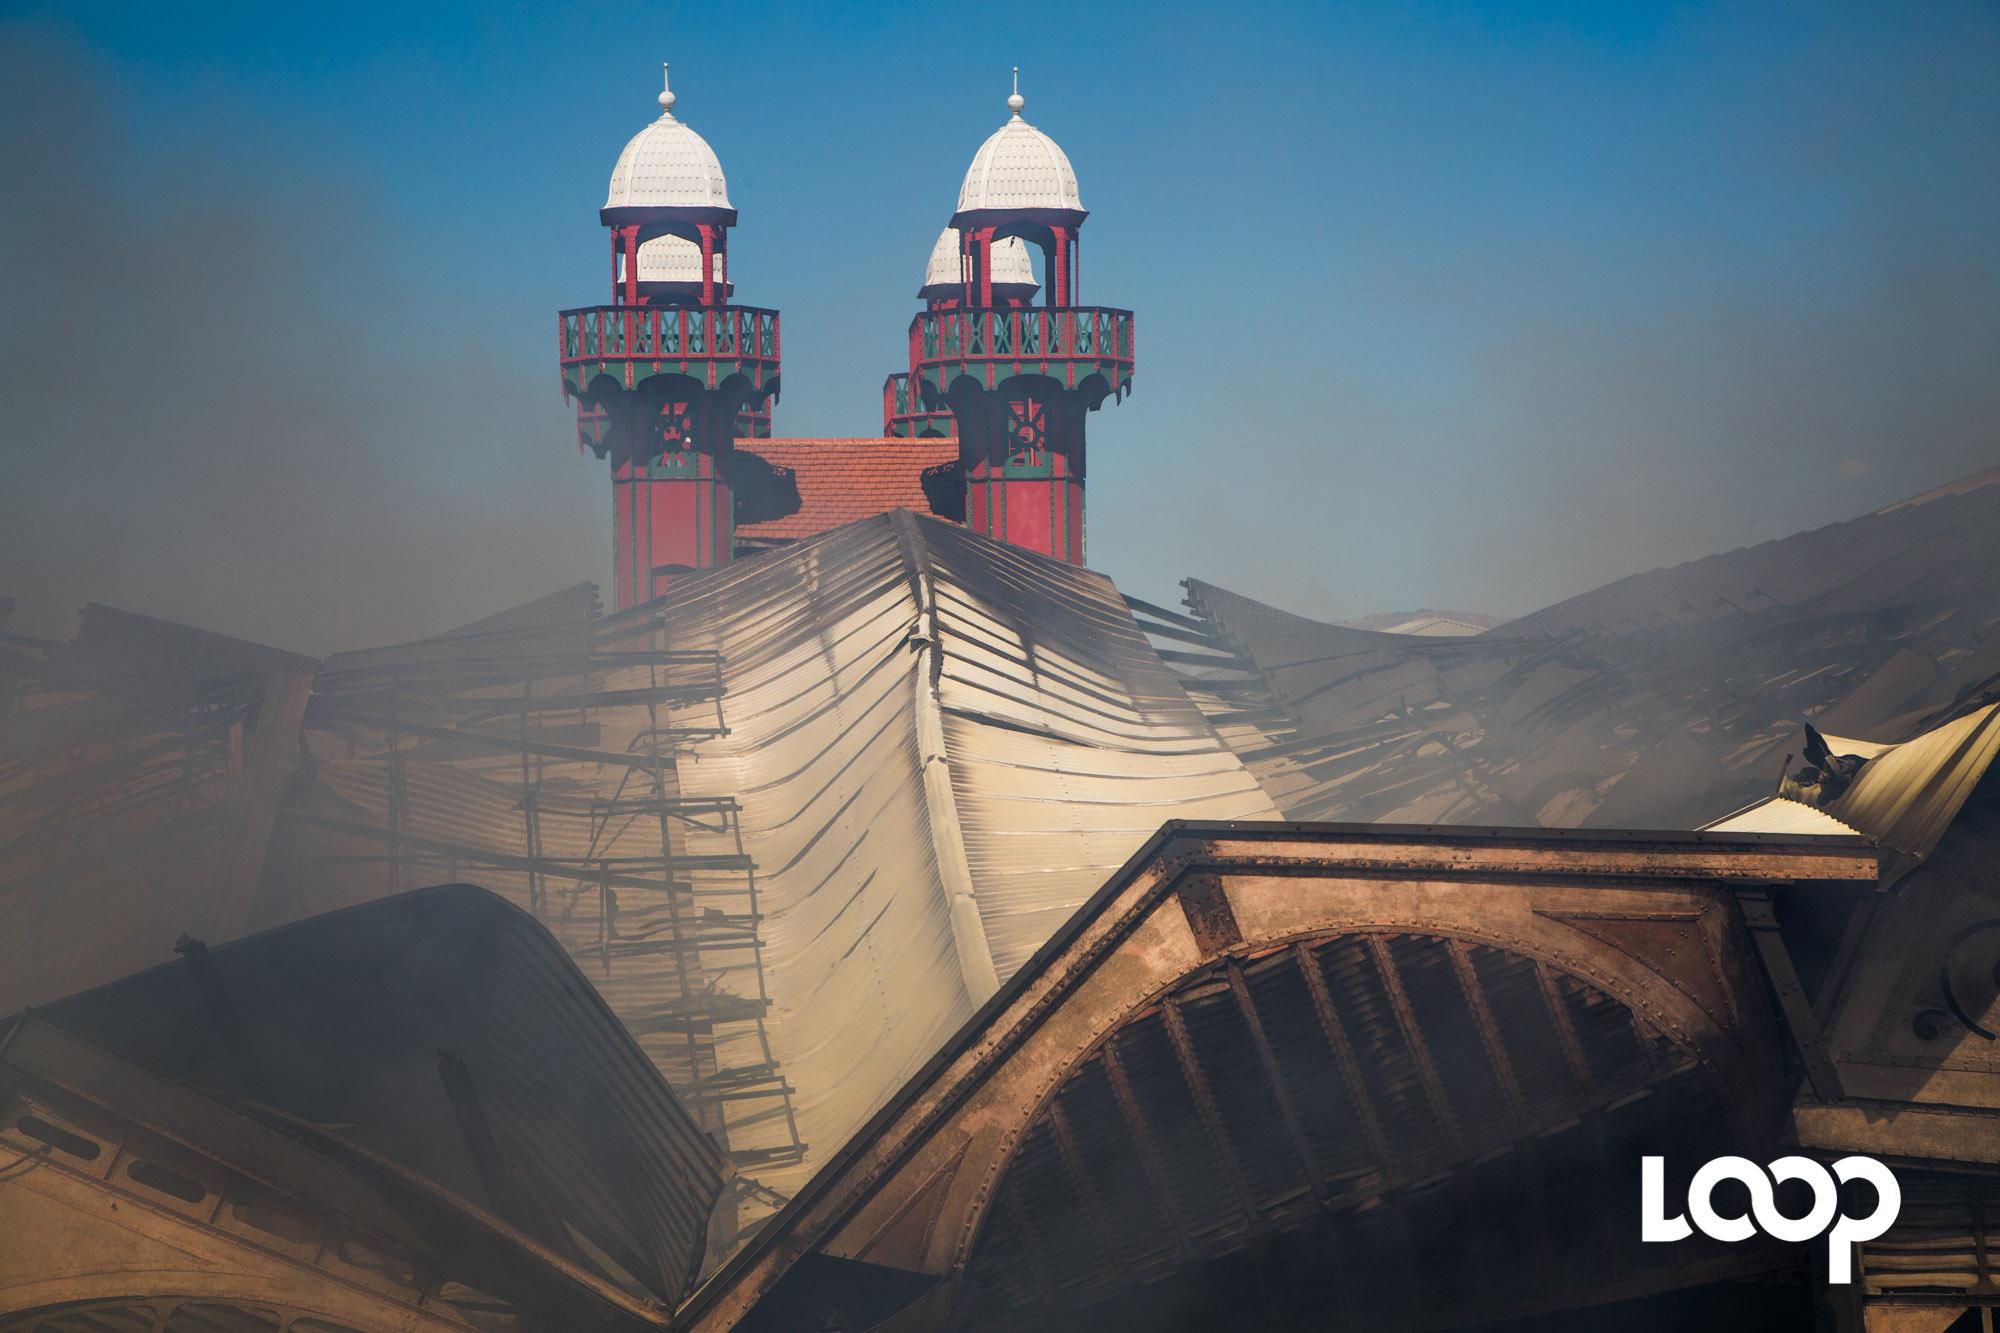 Incendie du marché en Fer. Photo : Estailove St-Val